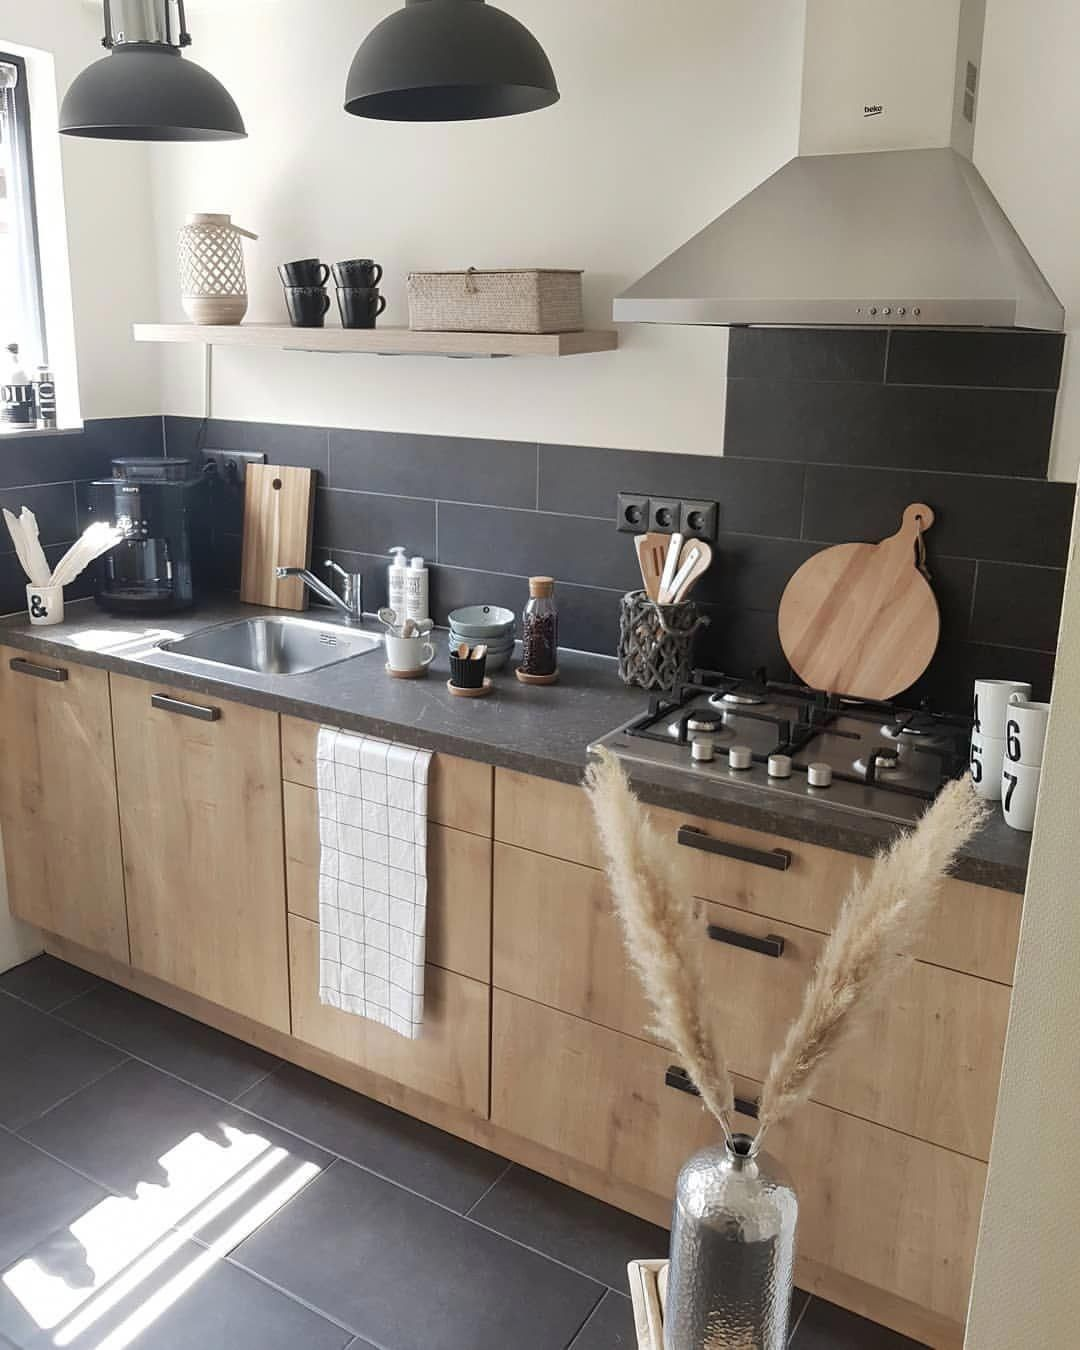 rustic kitchen design rustickitchendesign kitchen accessories decor rustic kitchen home on kitchen interior accessories id=43745